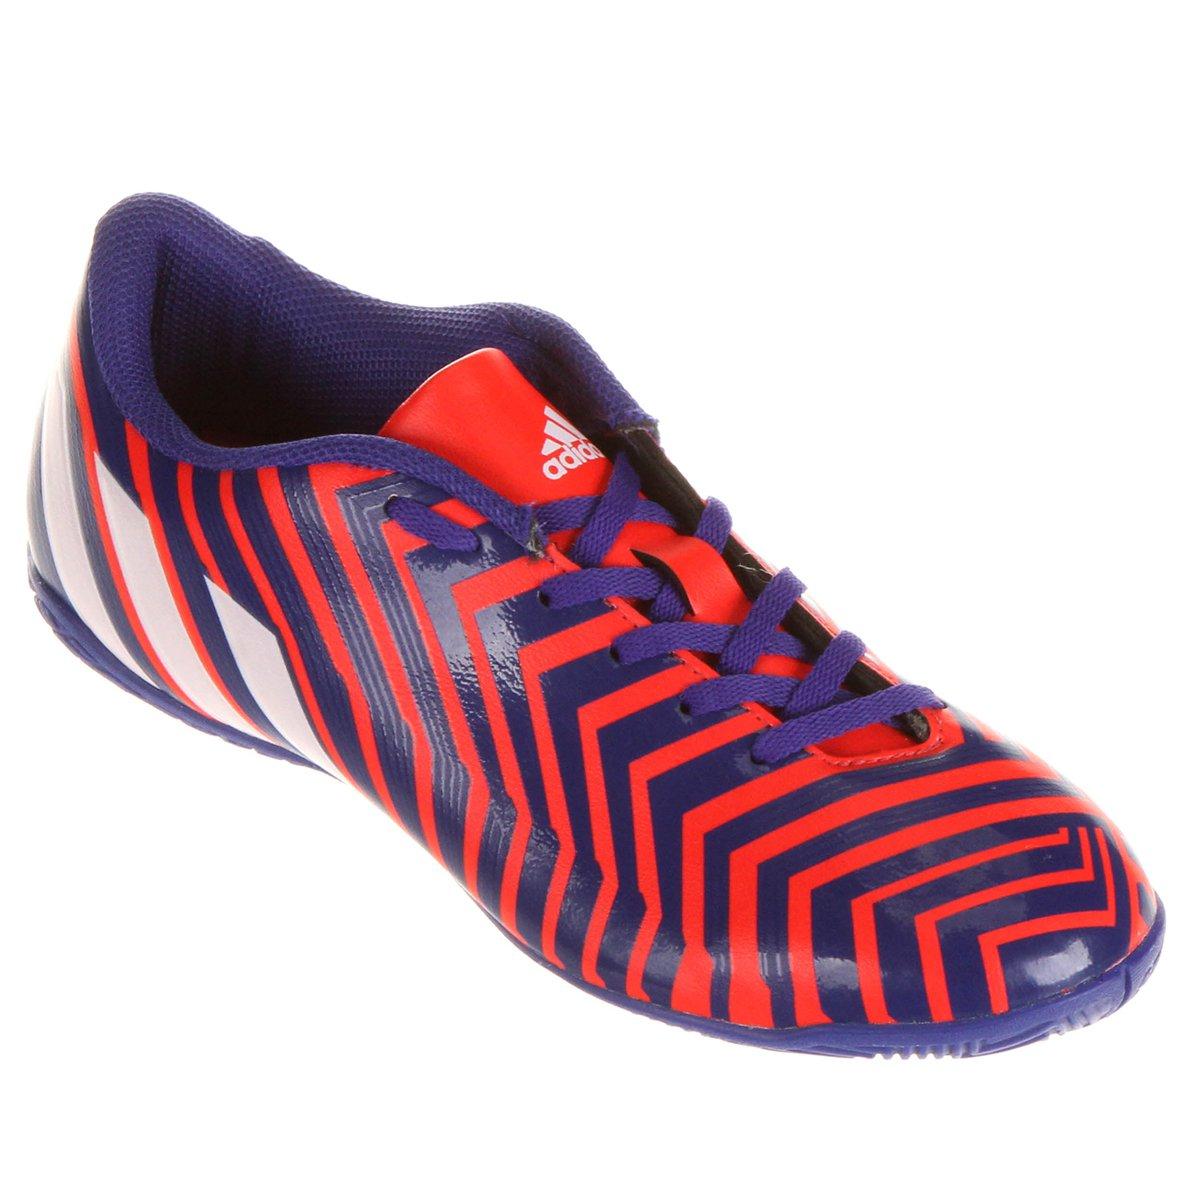 2da74294e ... low cost chuteira adidas predito instinct in futsal compre agora  netshoes 23183 505e0